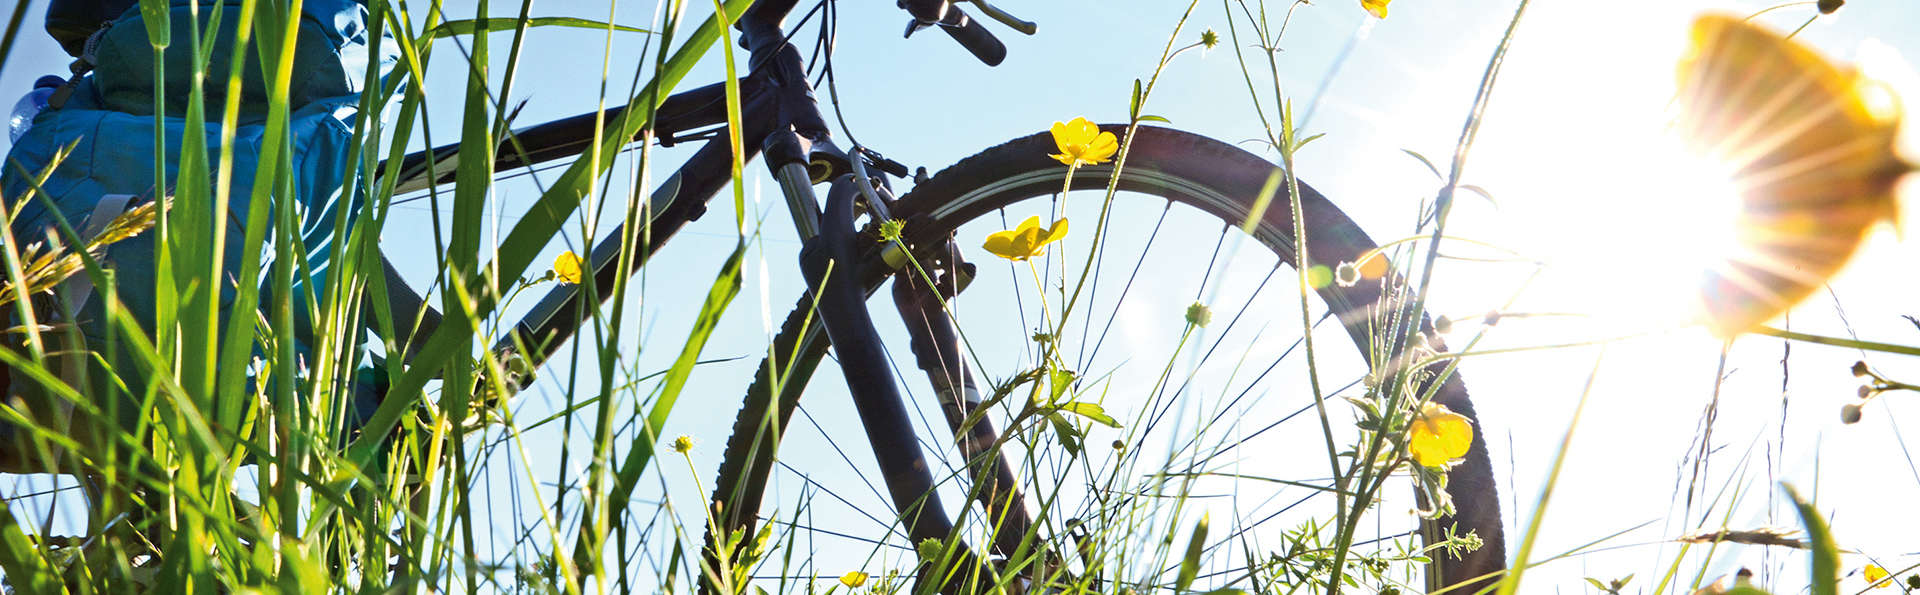 Partez en séjour avec vélo et profitez d'un dîner délicieux